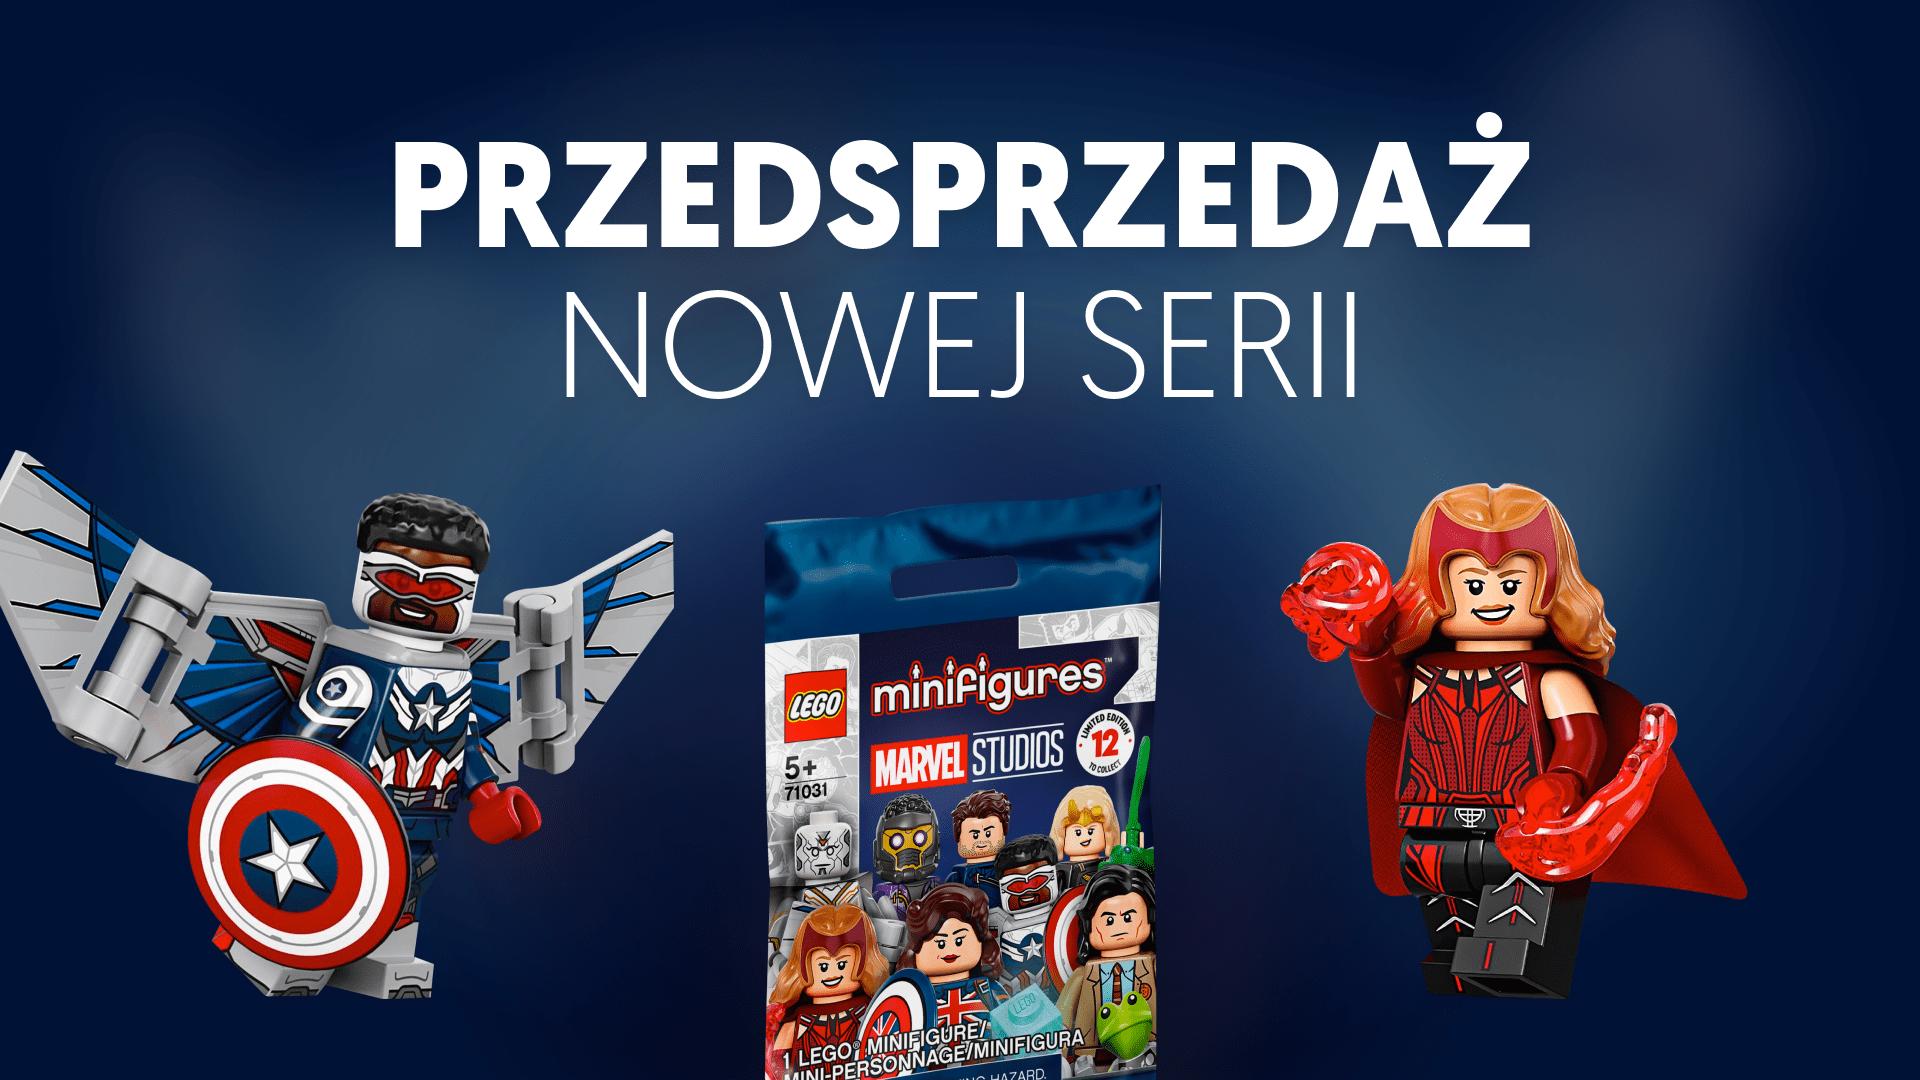 LEGO 71031 Marvel Studios CMF - przedsprzedaż, preorder